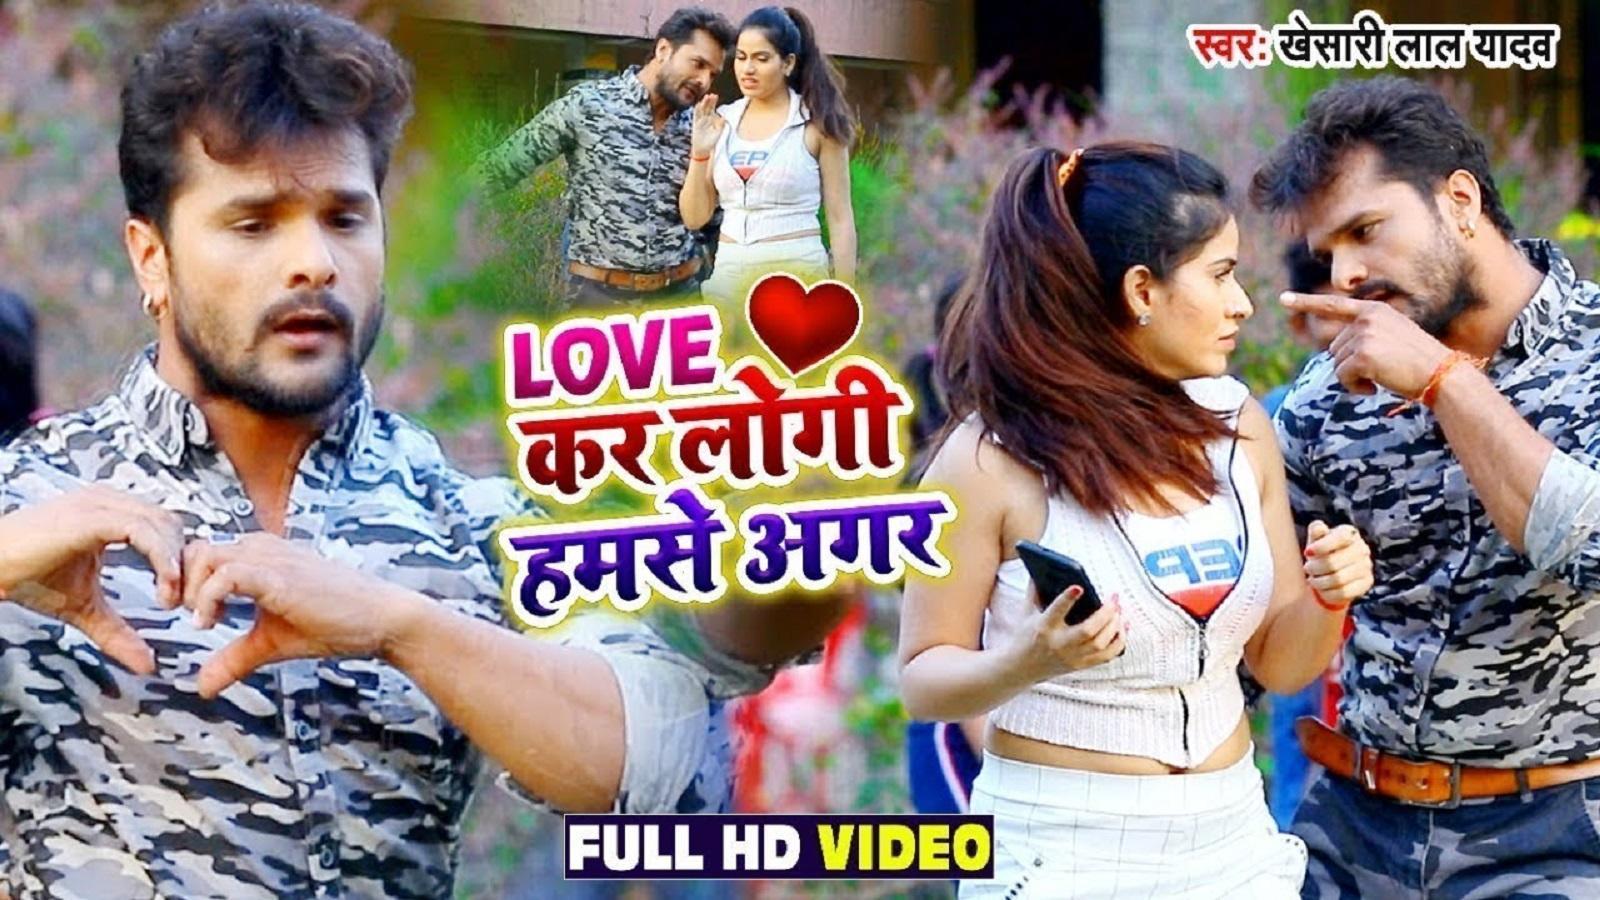 Khesari Lal Yadav Bhojpuri Song: खेसारी लाल का रोमांटिक भोजपुरी गाना 'लव कर लो हमसे अगर' हुआ हिट, देखें वीडियो